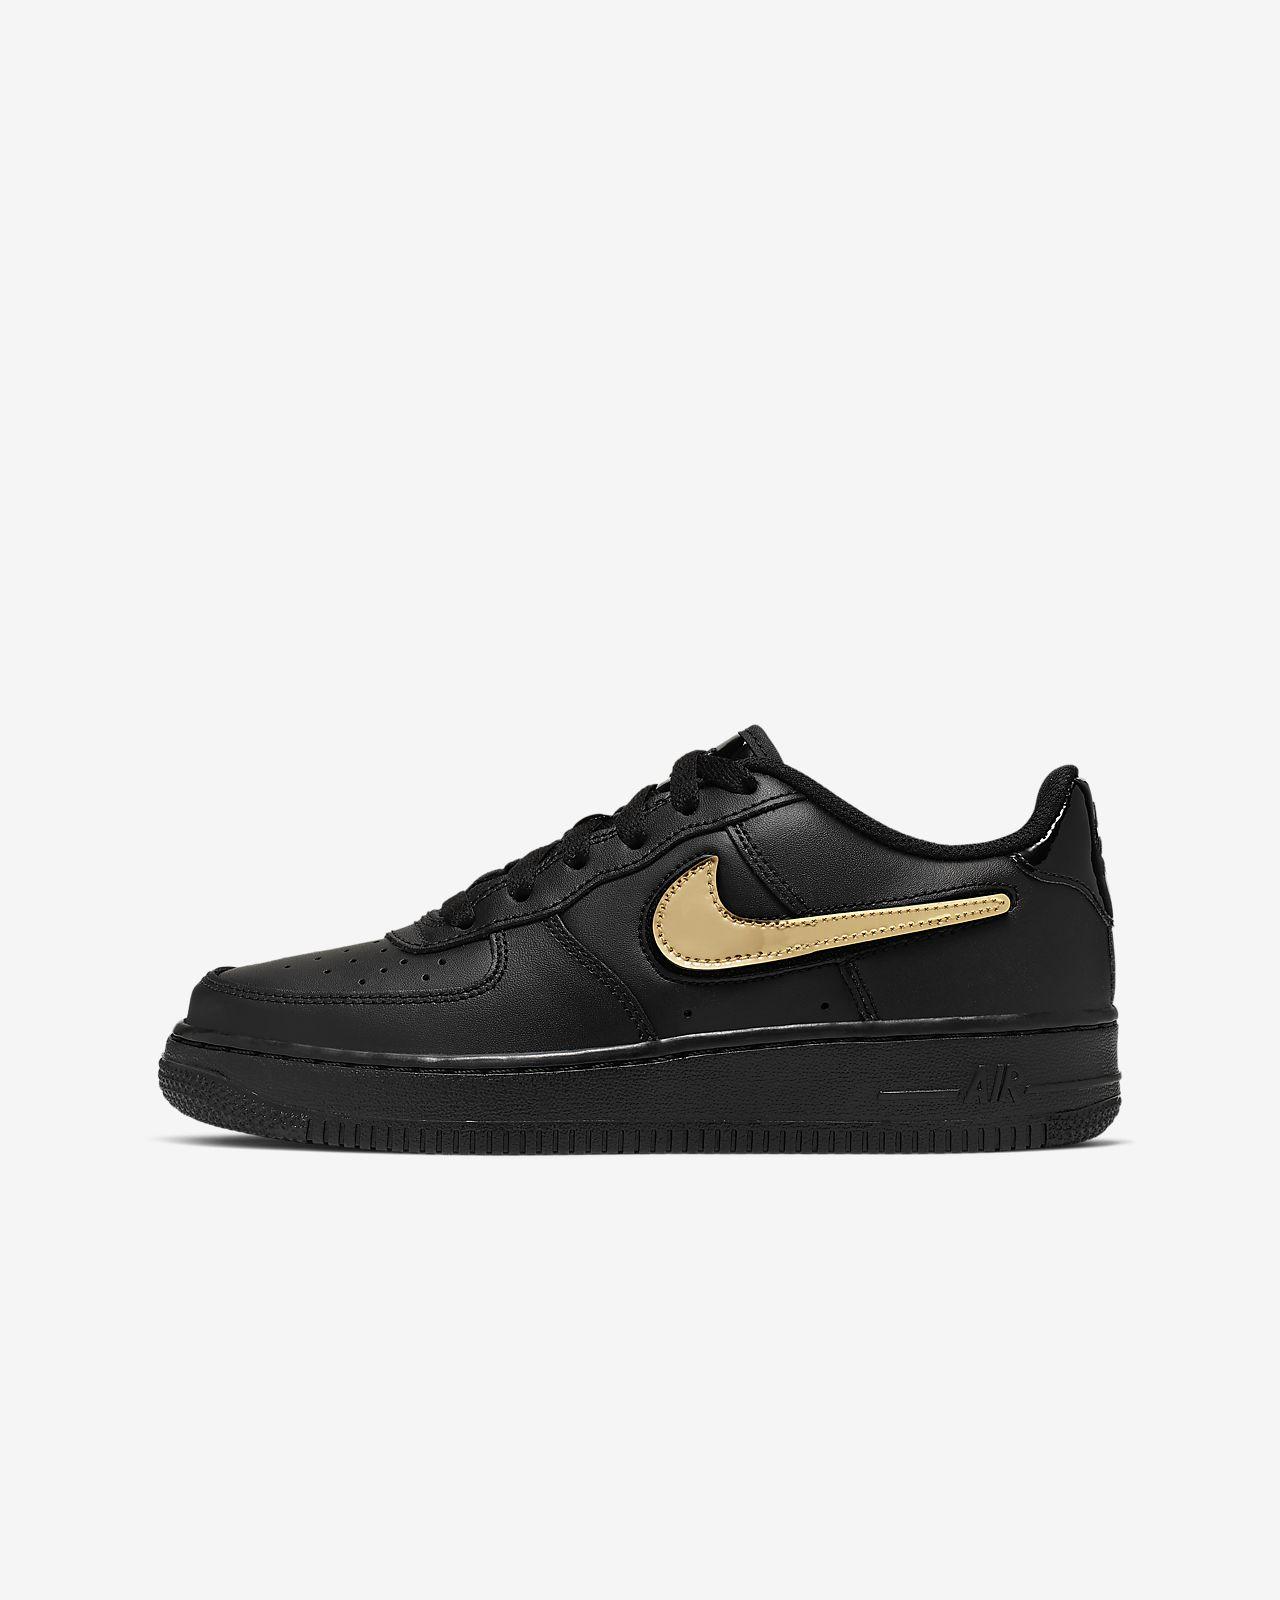 plus récent ad6ef 24c9a Chaussure Nike Air Force 1 LV8 3 pour Enfant plus âgé